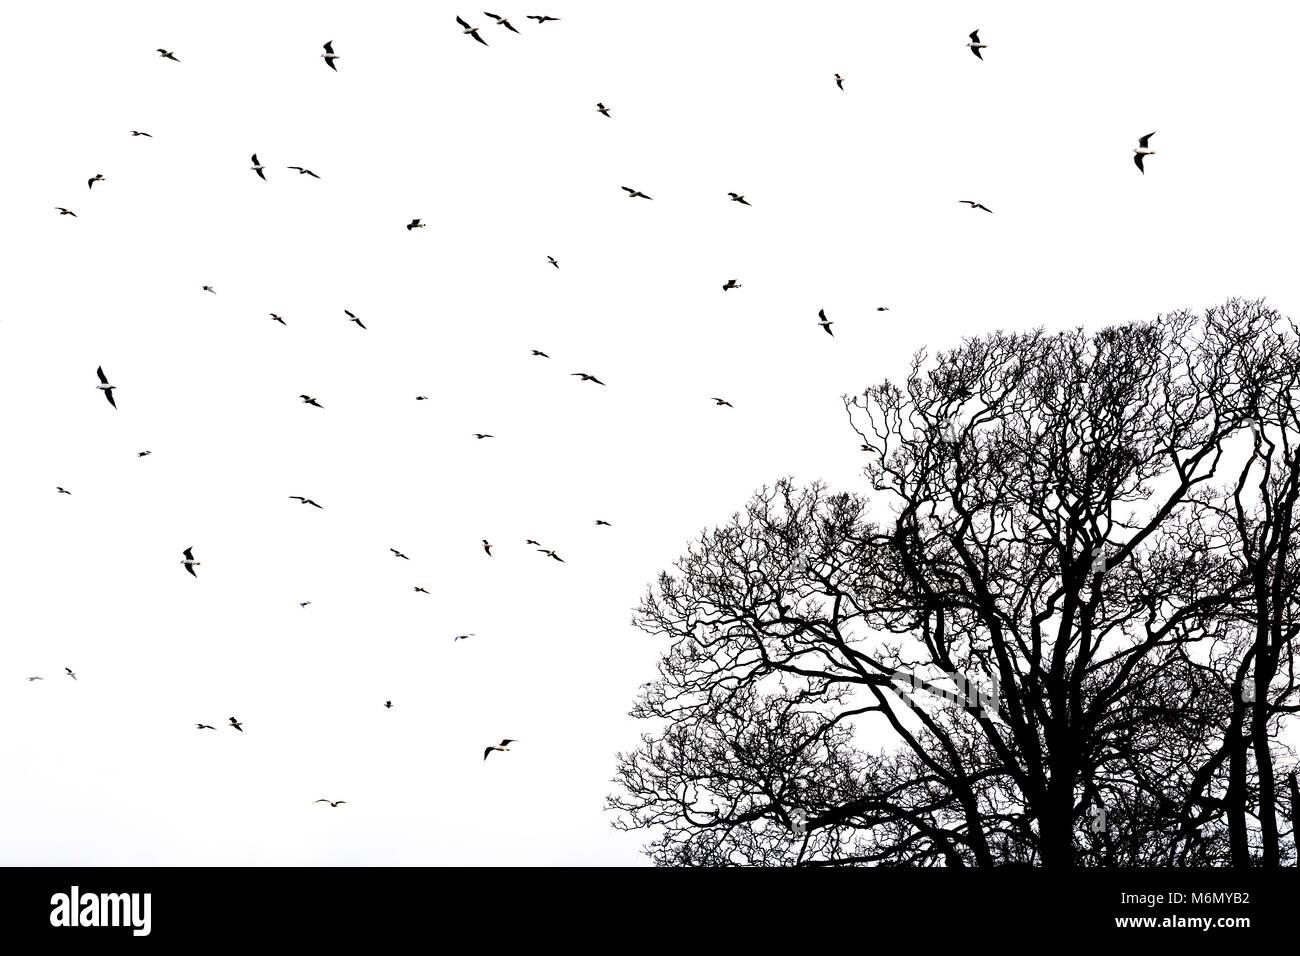 Meer Vögel über einen blattlosen Baum gegen einen weißen Himmel fliegen. Monochrom. Stockbild